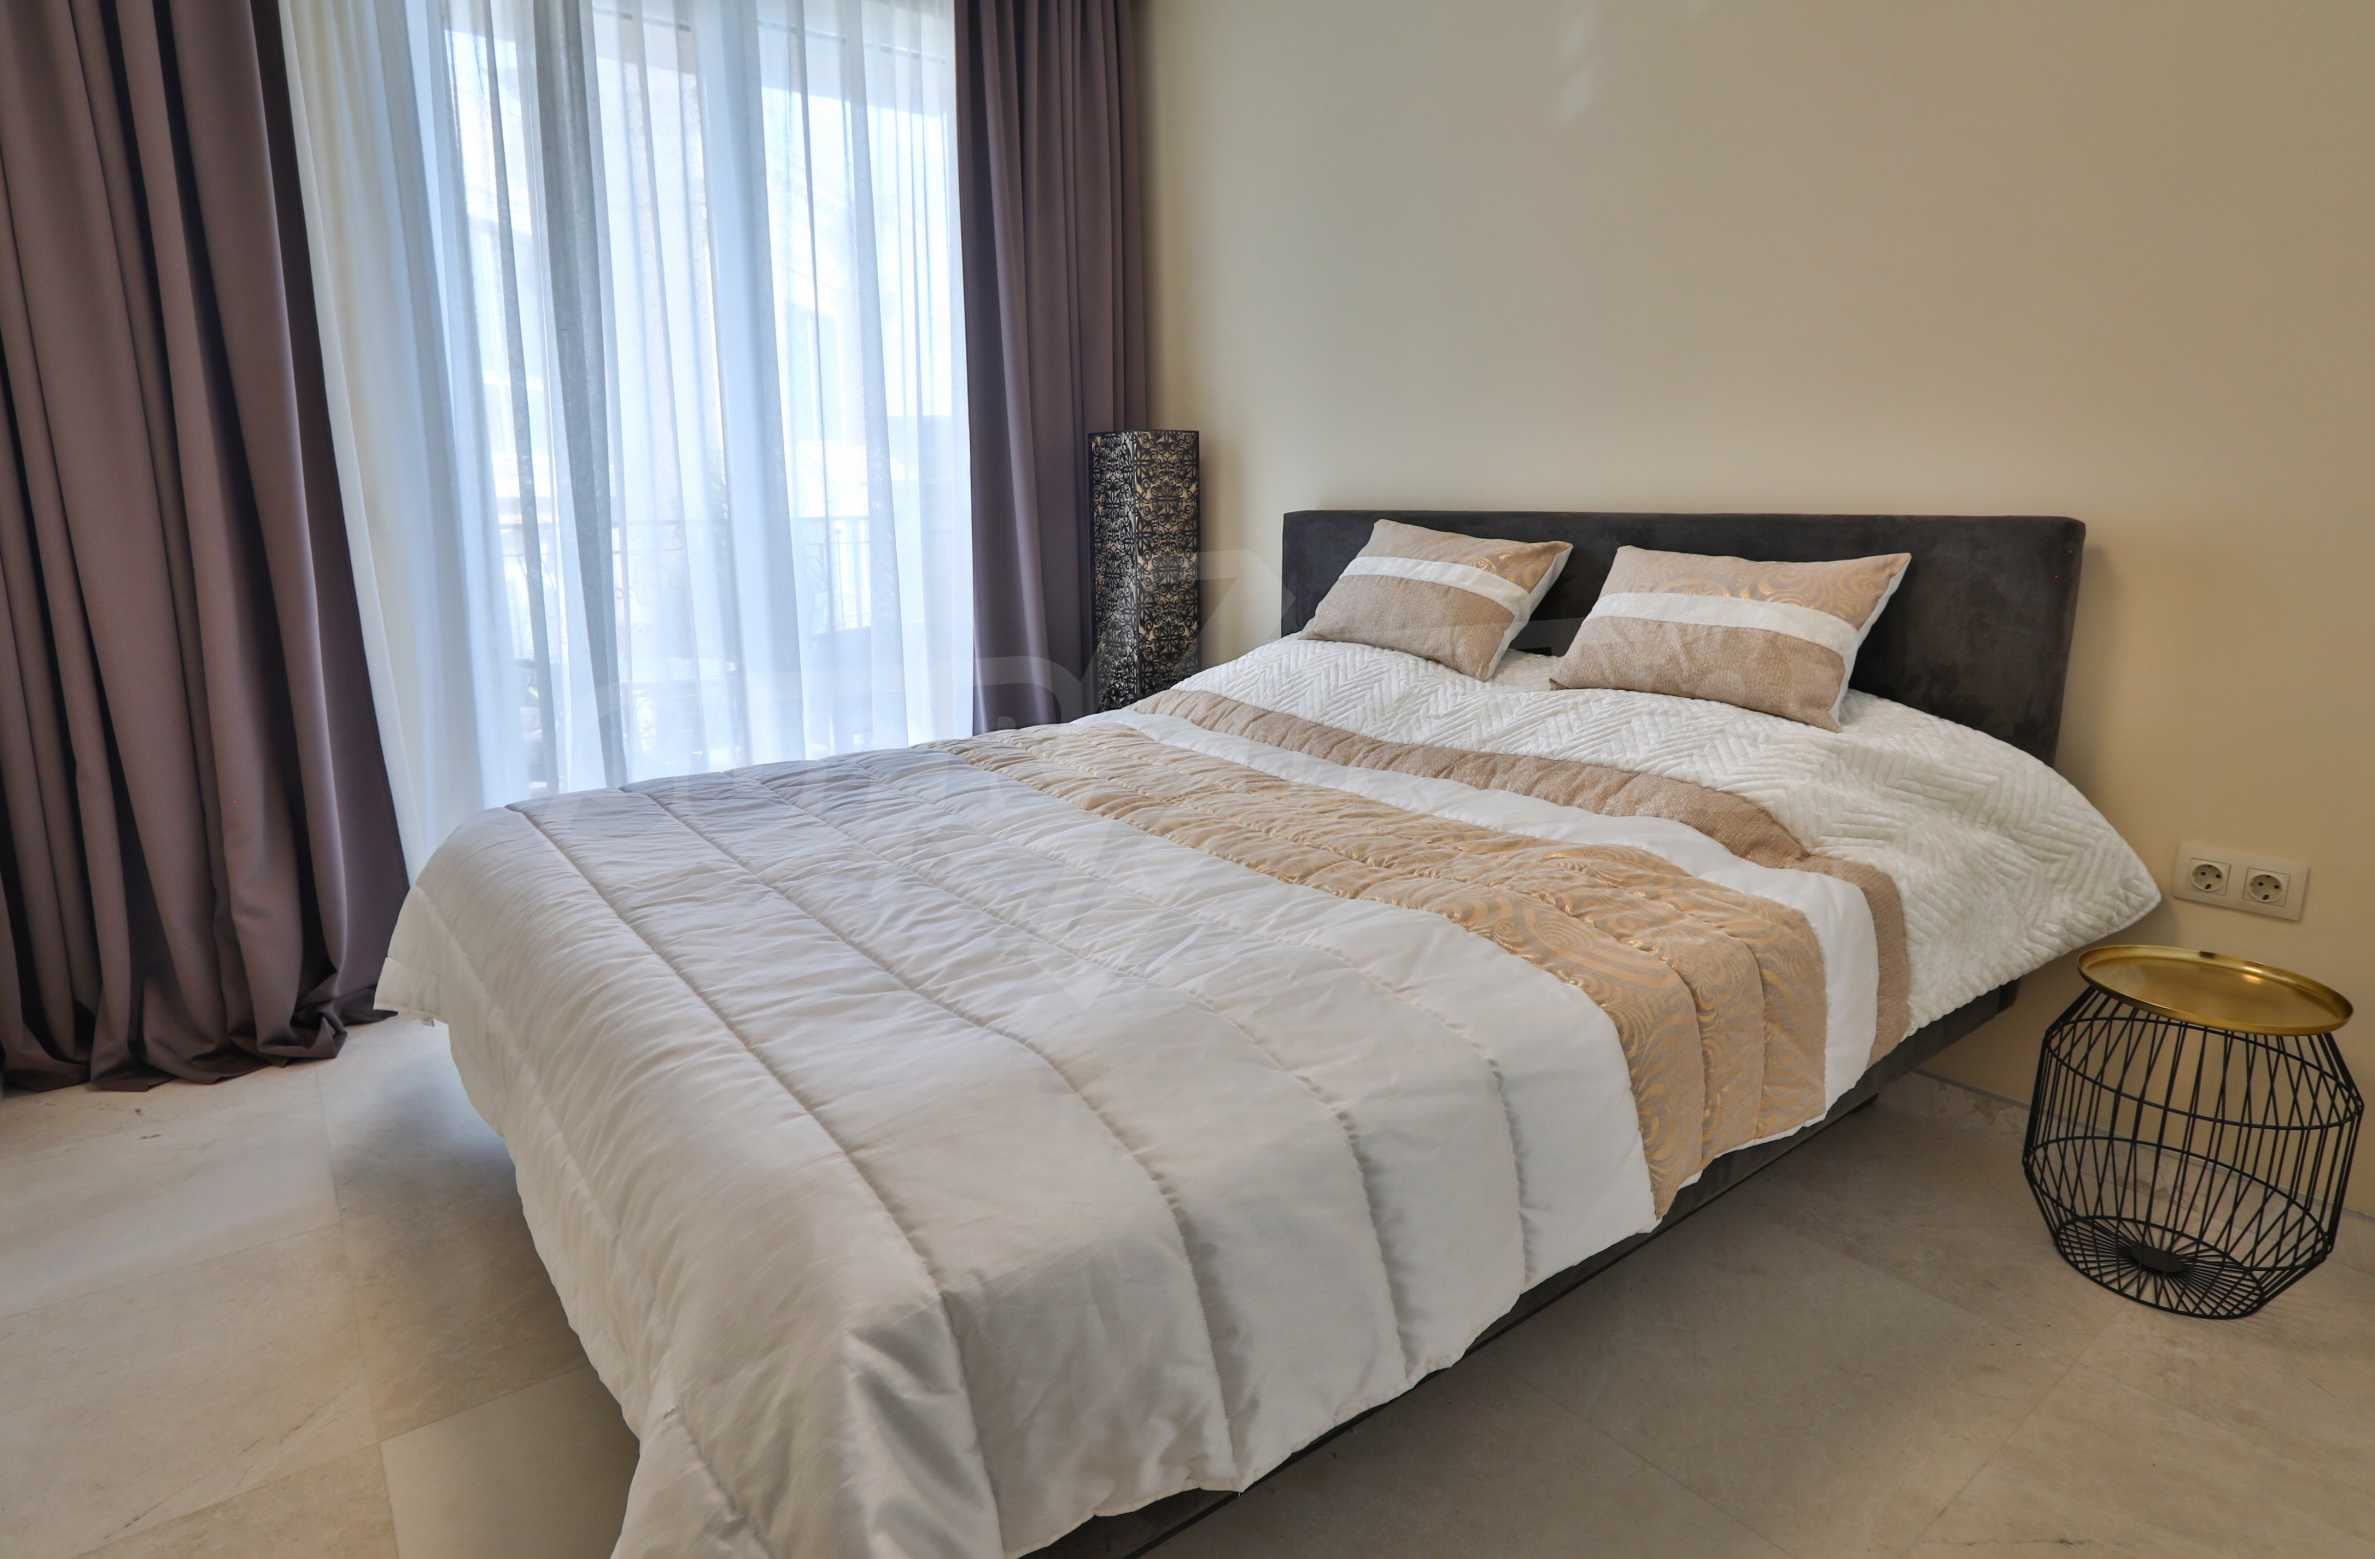 Дизайнерски апартамент с 2 спални в луксозната морска резиденция Belle Époque в Лозенец 18